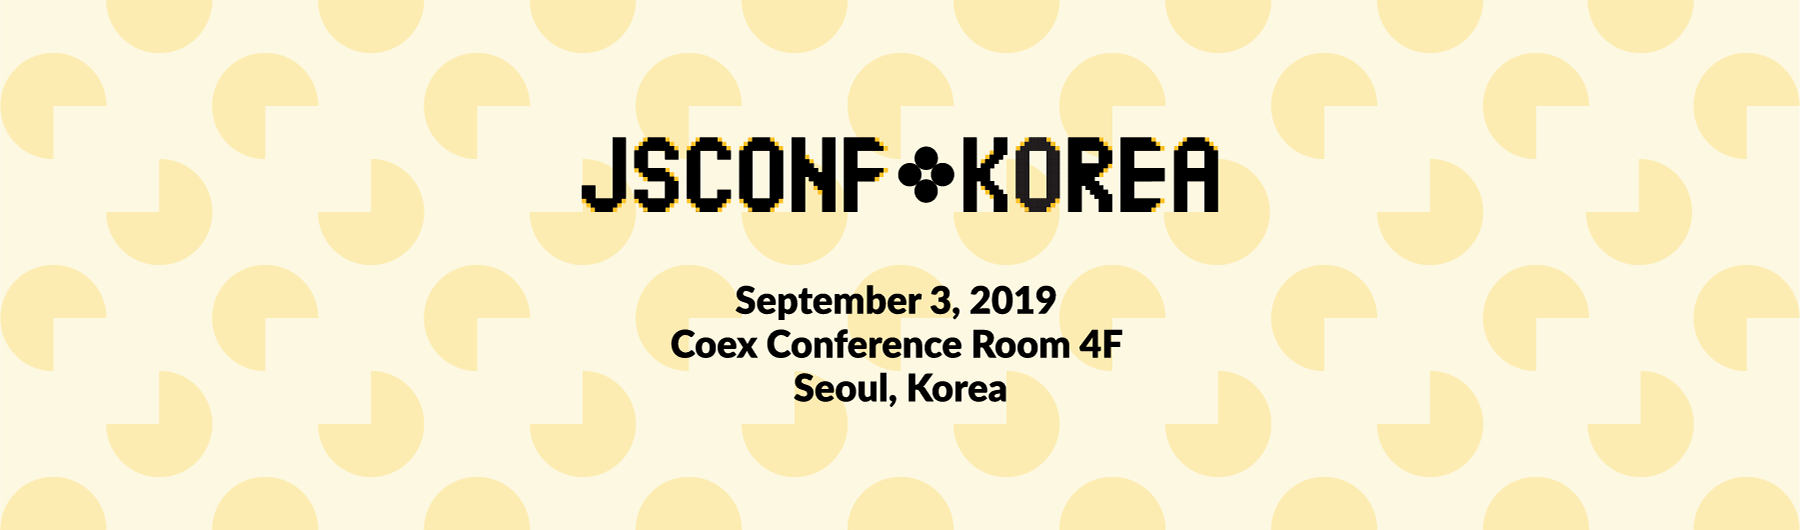 JSConf Korea 2019